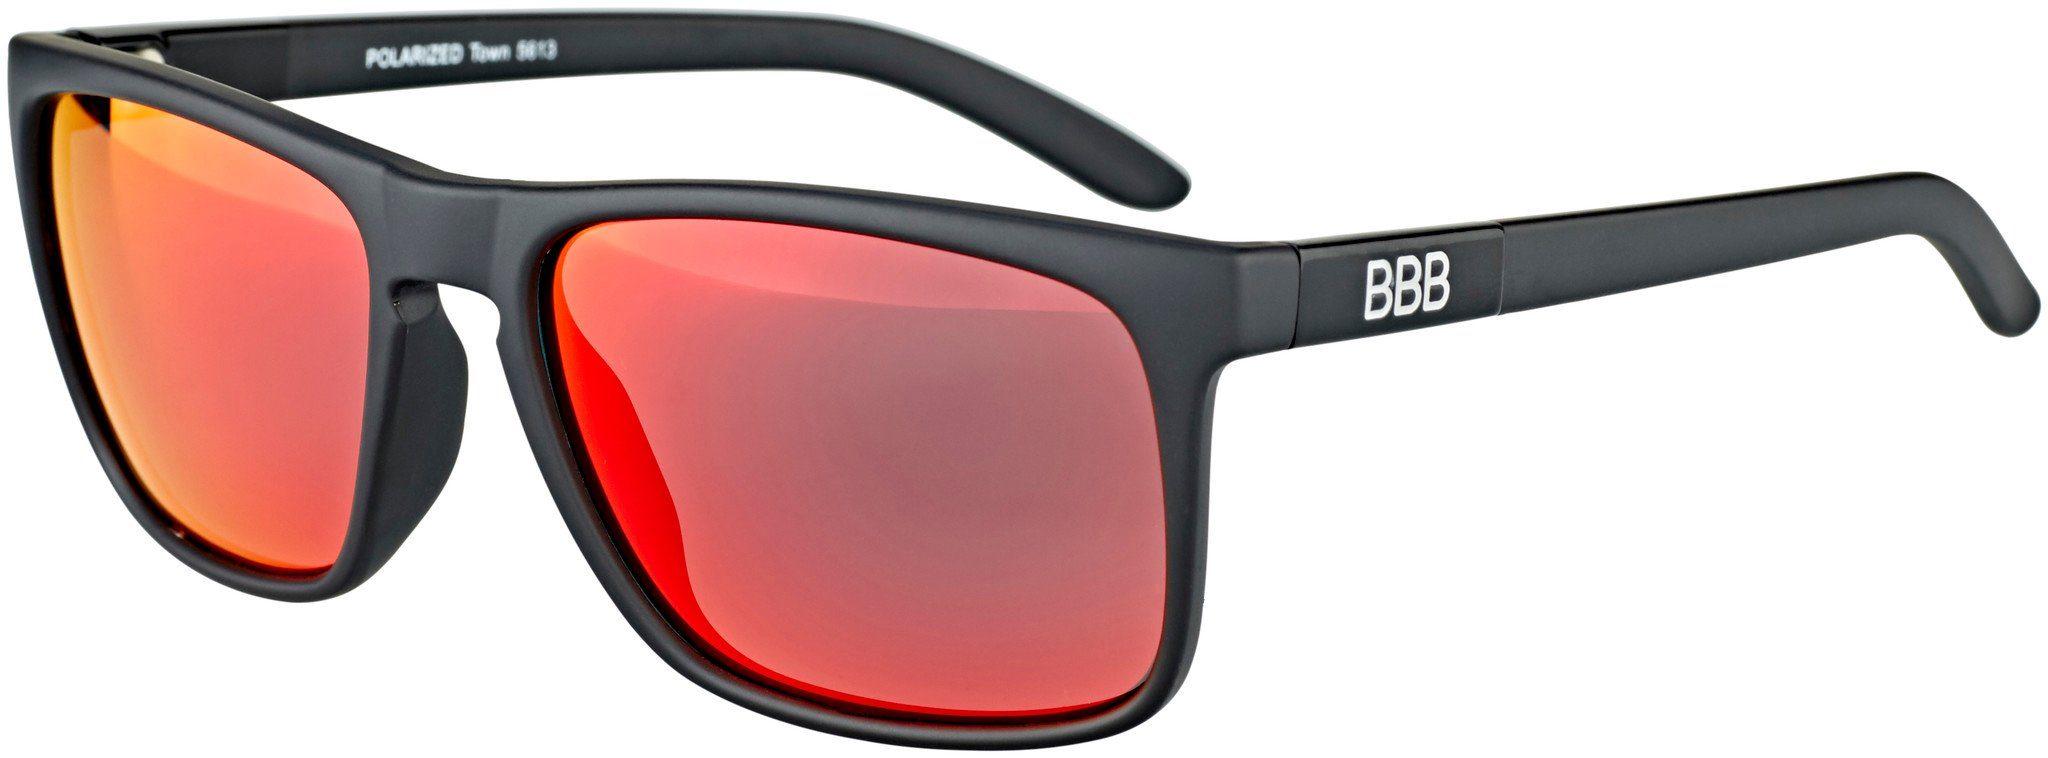 BBB Sportbrille »Town PZ PC MLC BSG-56 Sportbrille«